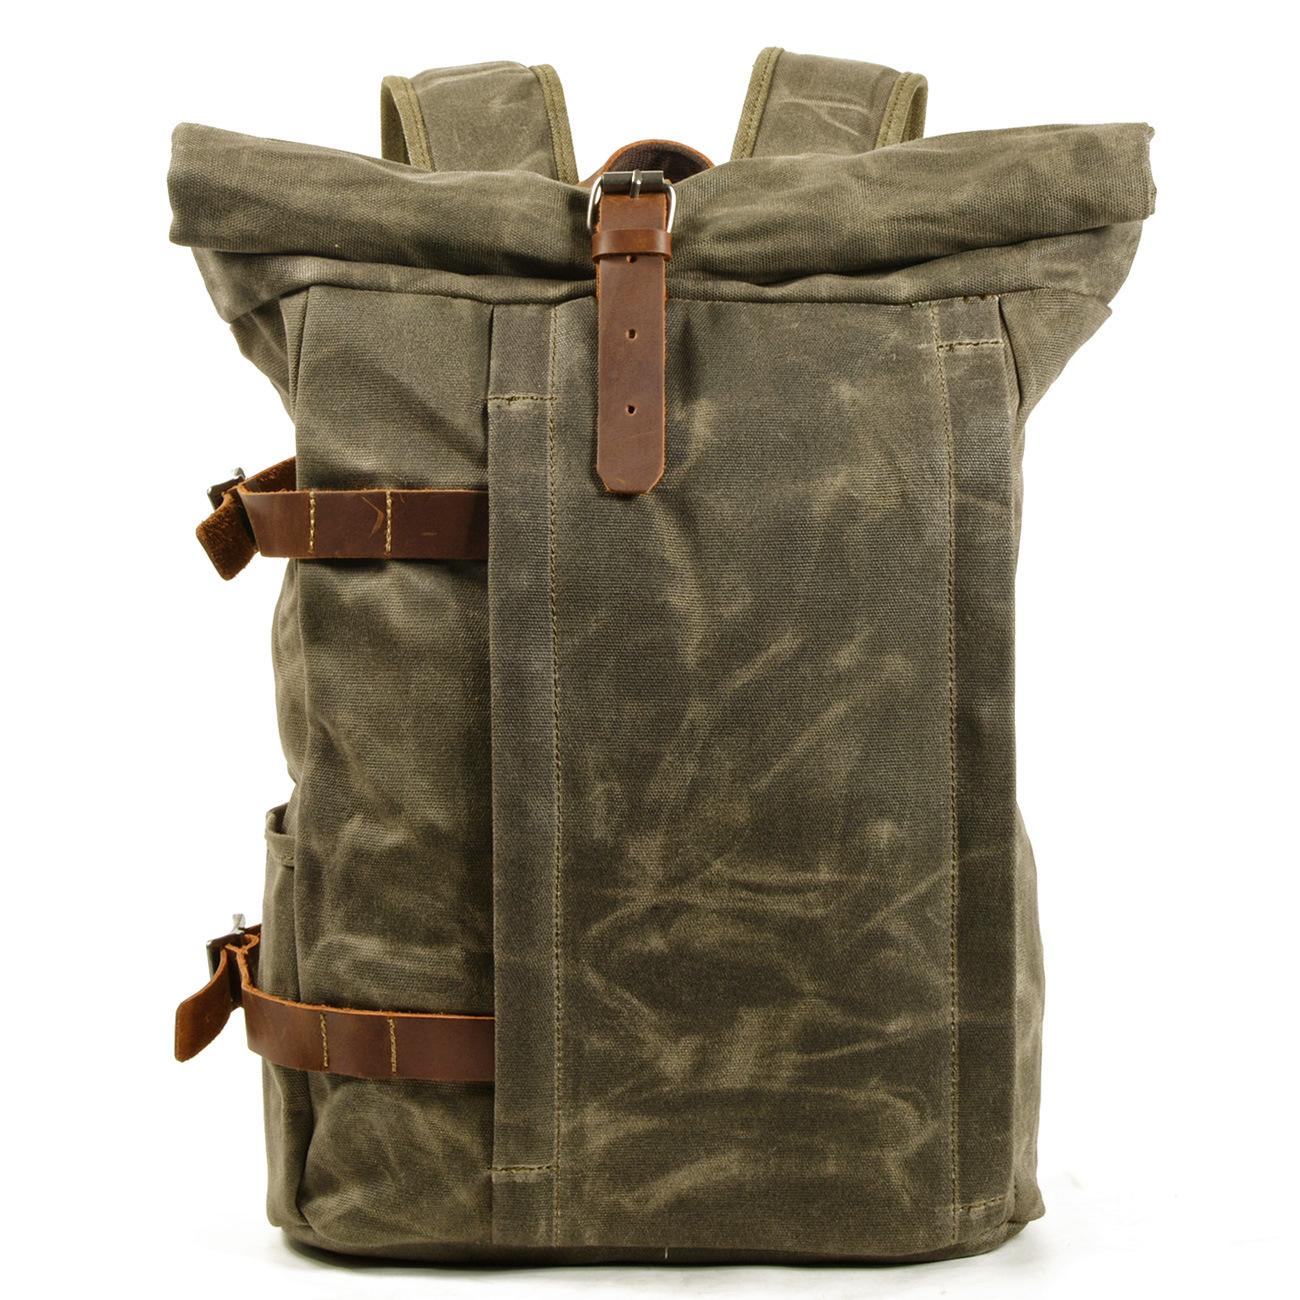 新款多功能防盗背包笔记本电脑包户外登山防泼水旅行包休闲双肩包